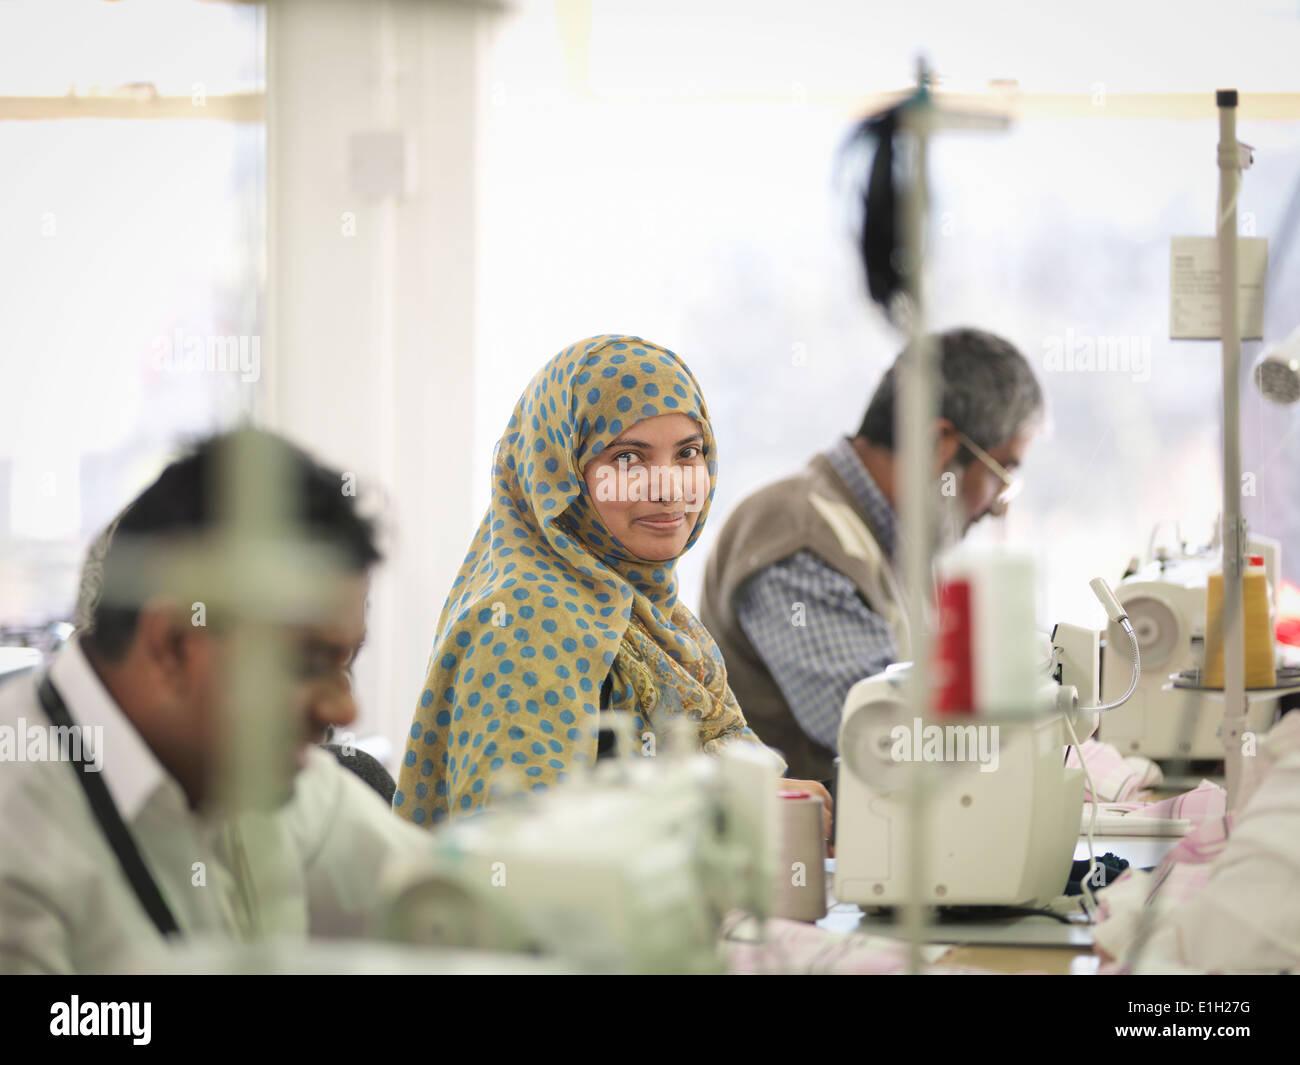 Trabajadora en la fábrica de prendas de vestir, Retrato Imagen De Stock